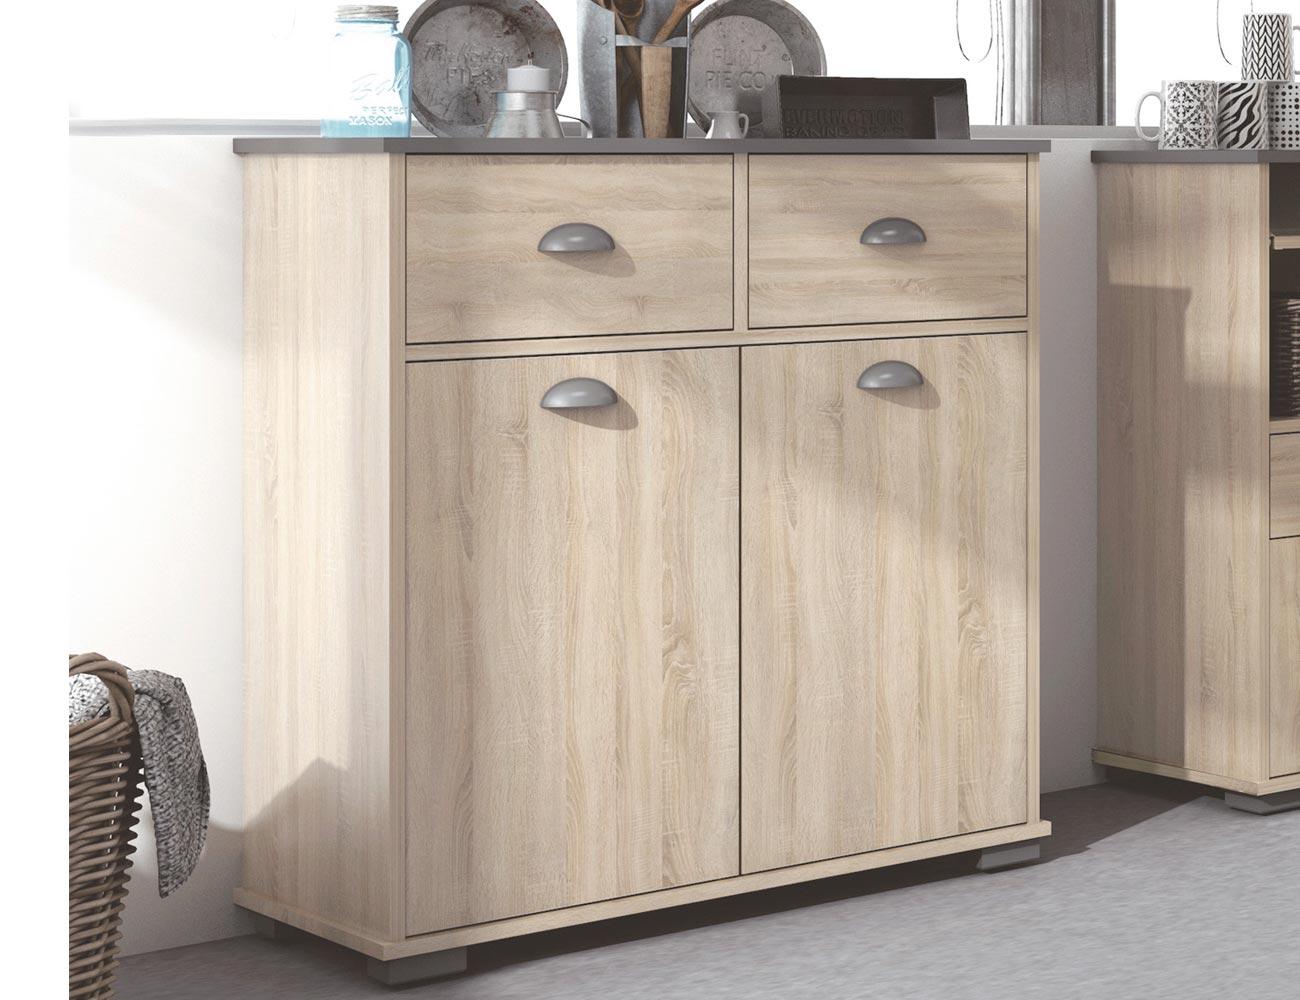 Puertas de muebles de cocina top puerta tirador integrado for Mueble estrecho cocina